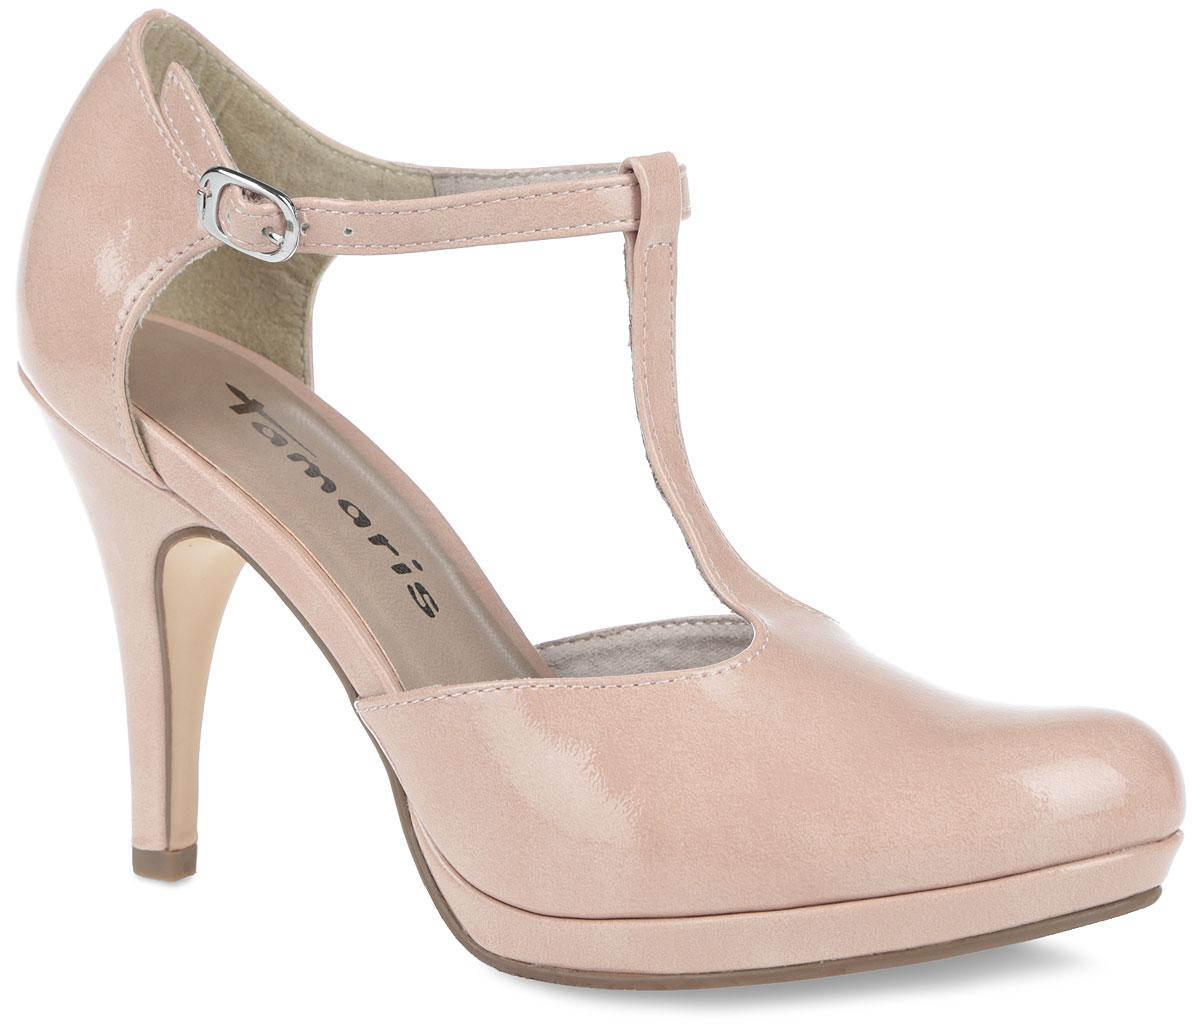 Туфли женские. 1-1-24428-26-5401-1-24428-26-540Оригинальные туфли от Tamaris покорят вас с первого взгляда. Модель выполнена из искусственной лакированной кожи. Внутренняя поверхность из текстиля и стелька из искусственной кожи обеспечат комфорт при движении. Застегивается модель на ремешок с металлической пряжкой. Высокий каблук компенсирован платформой. Подошва с рельефным протектором обеспечивает идеальное сцепление с любой поверхностью. Такие туфли помогут создать женственный и привлекательный образ своей владелицы.